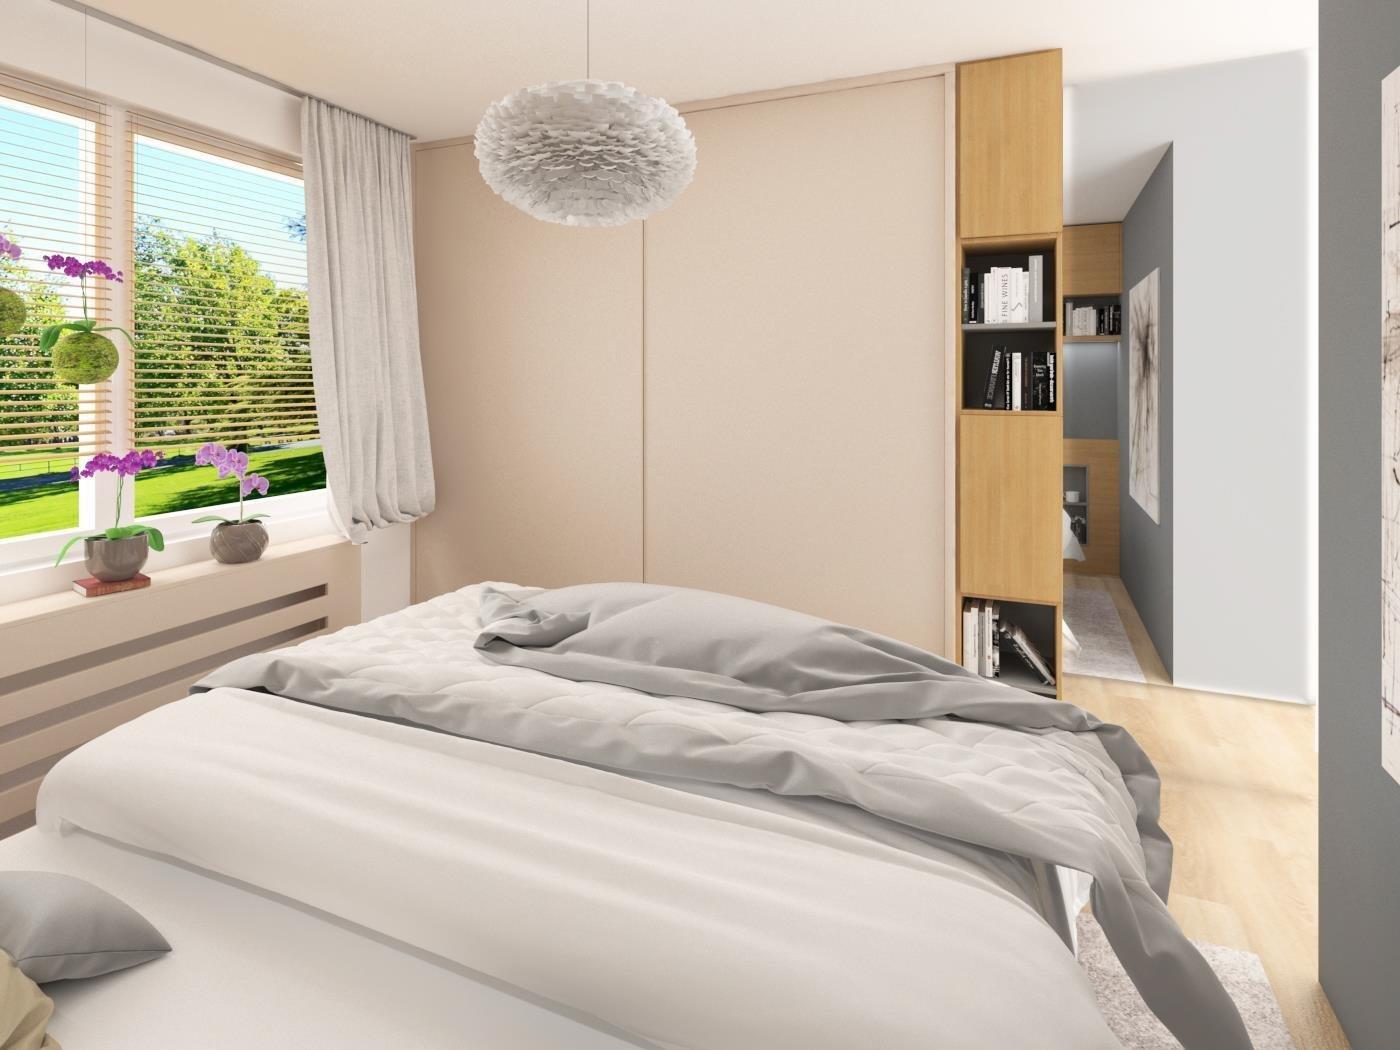 Projekt pro čtyřčlenou rodinu v novostavbě Jahodnice Apartment Houses. Zadáním klientky bylo vytvoření pokojů pro dva dospívající syny, kteří měli už své…